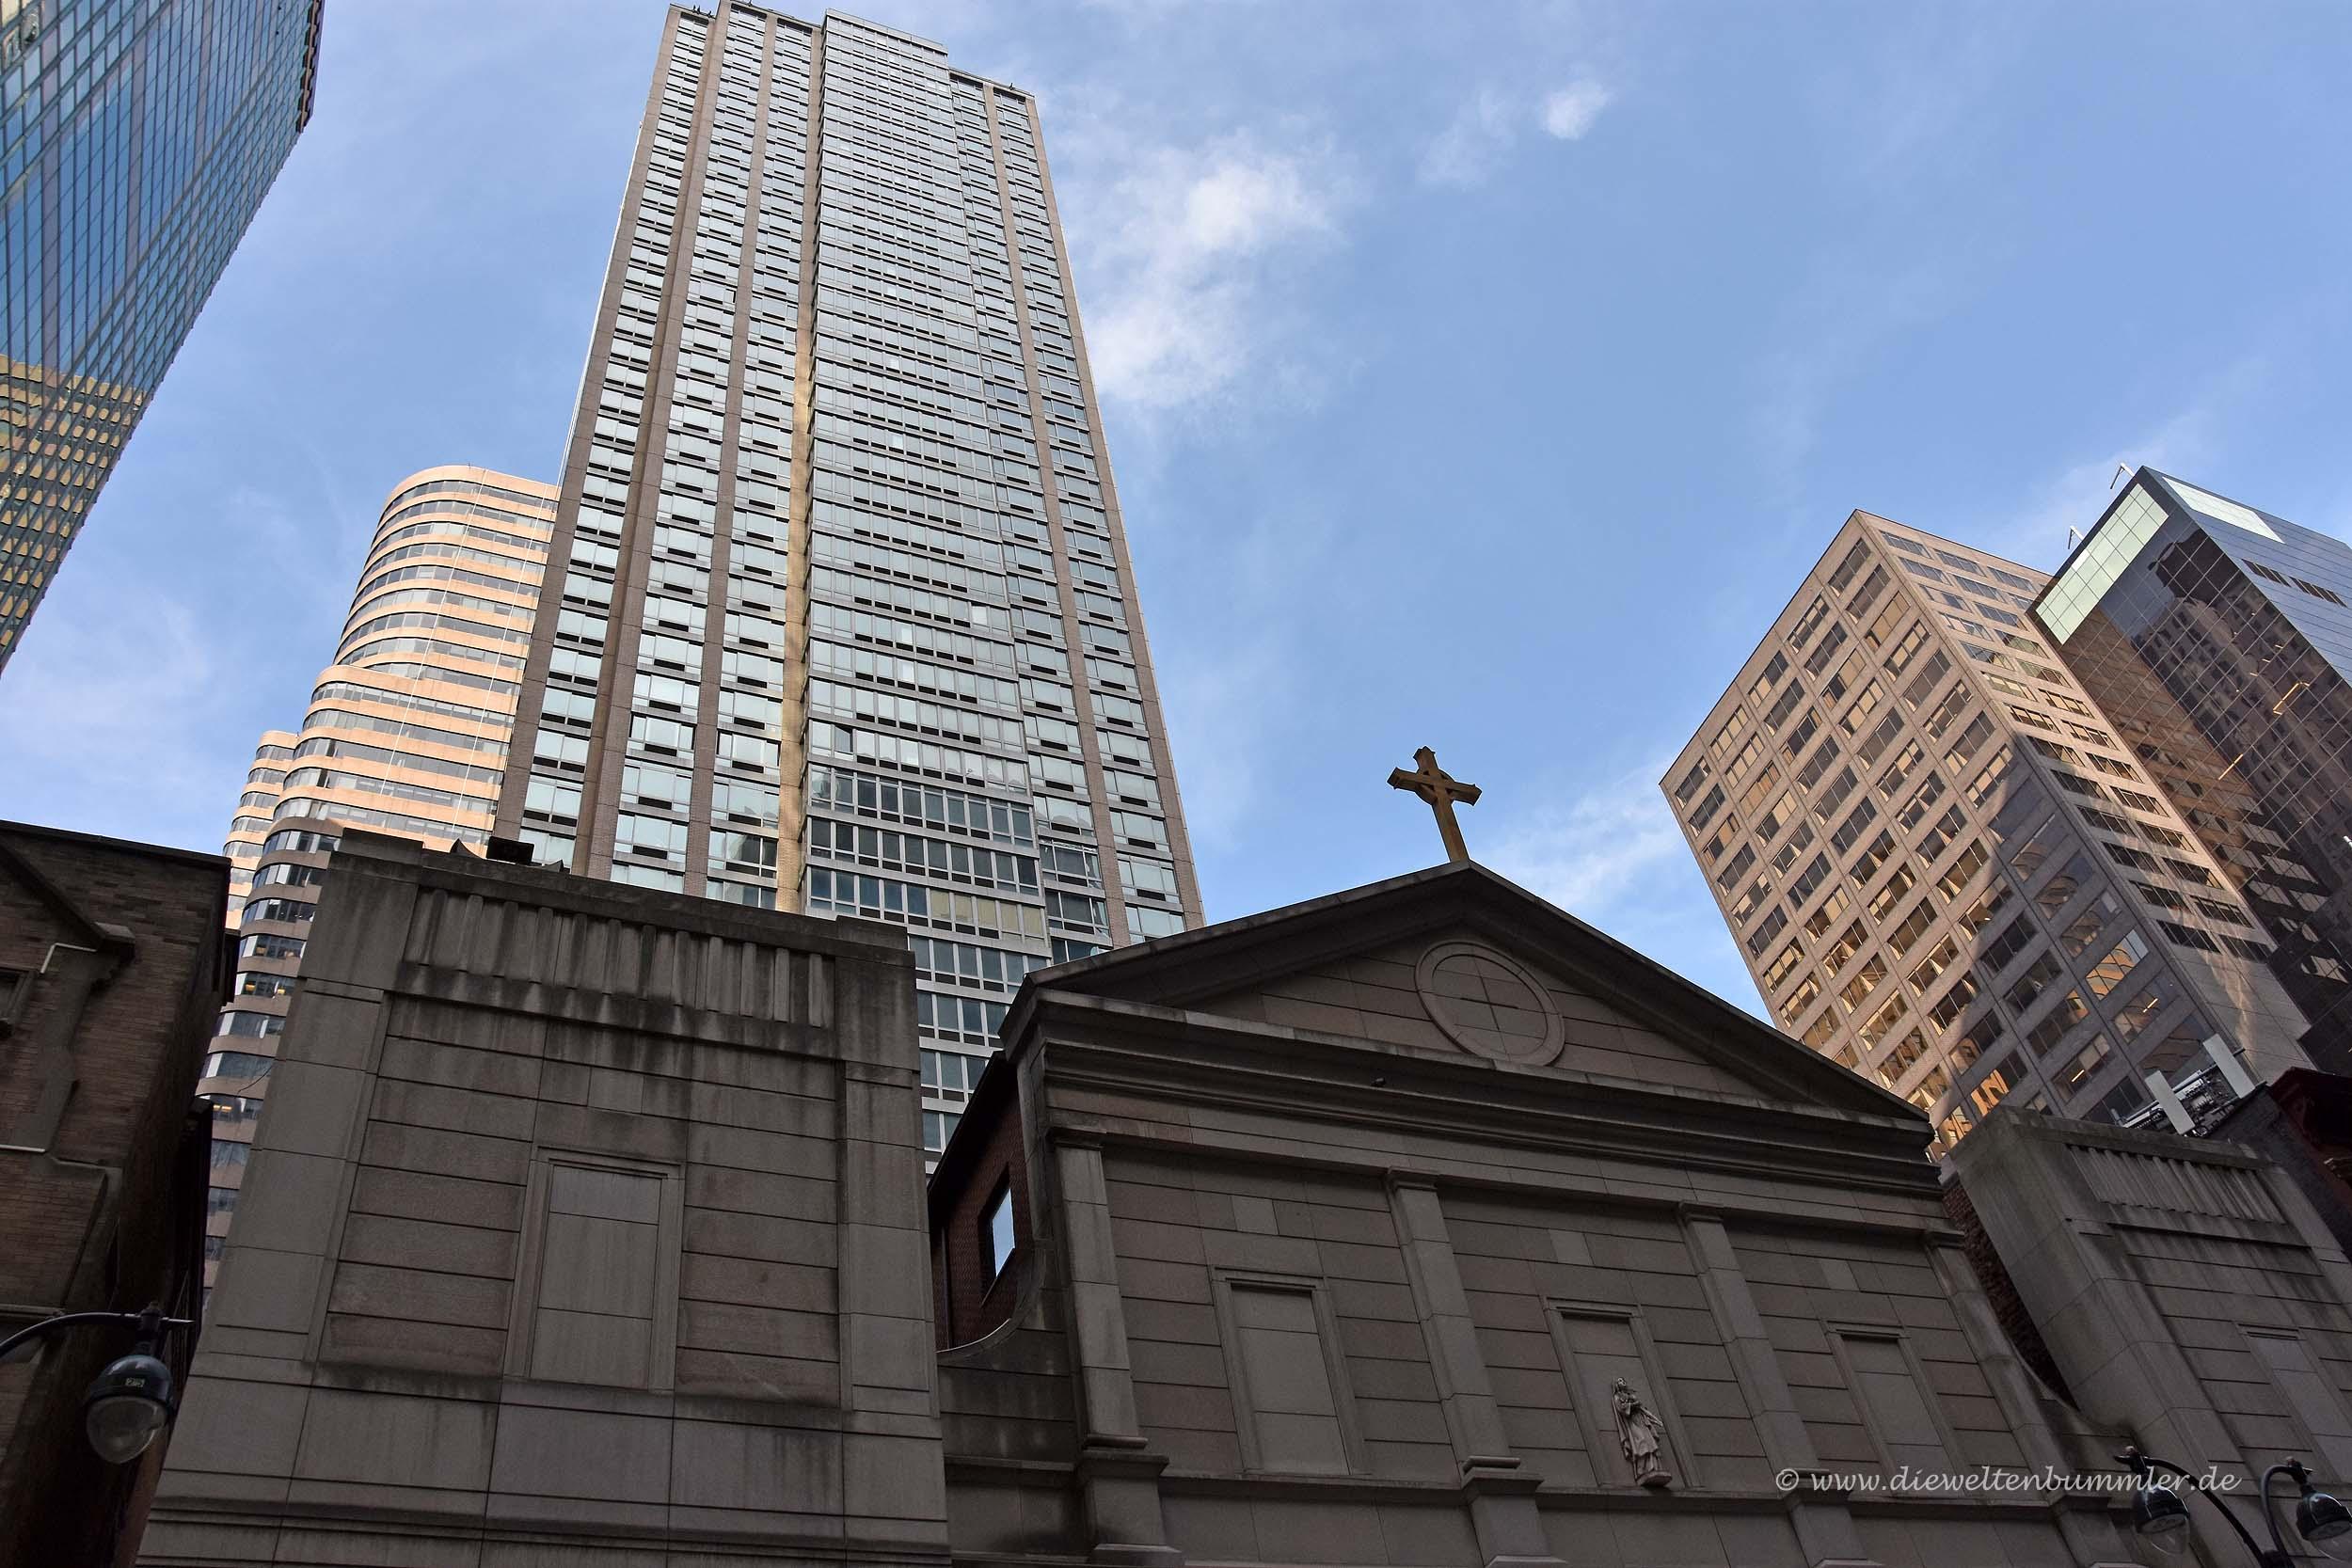 St Agneskirche mit 2 Grand Central Tower links im Hintergrund